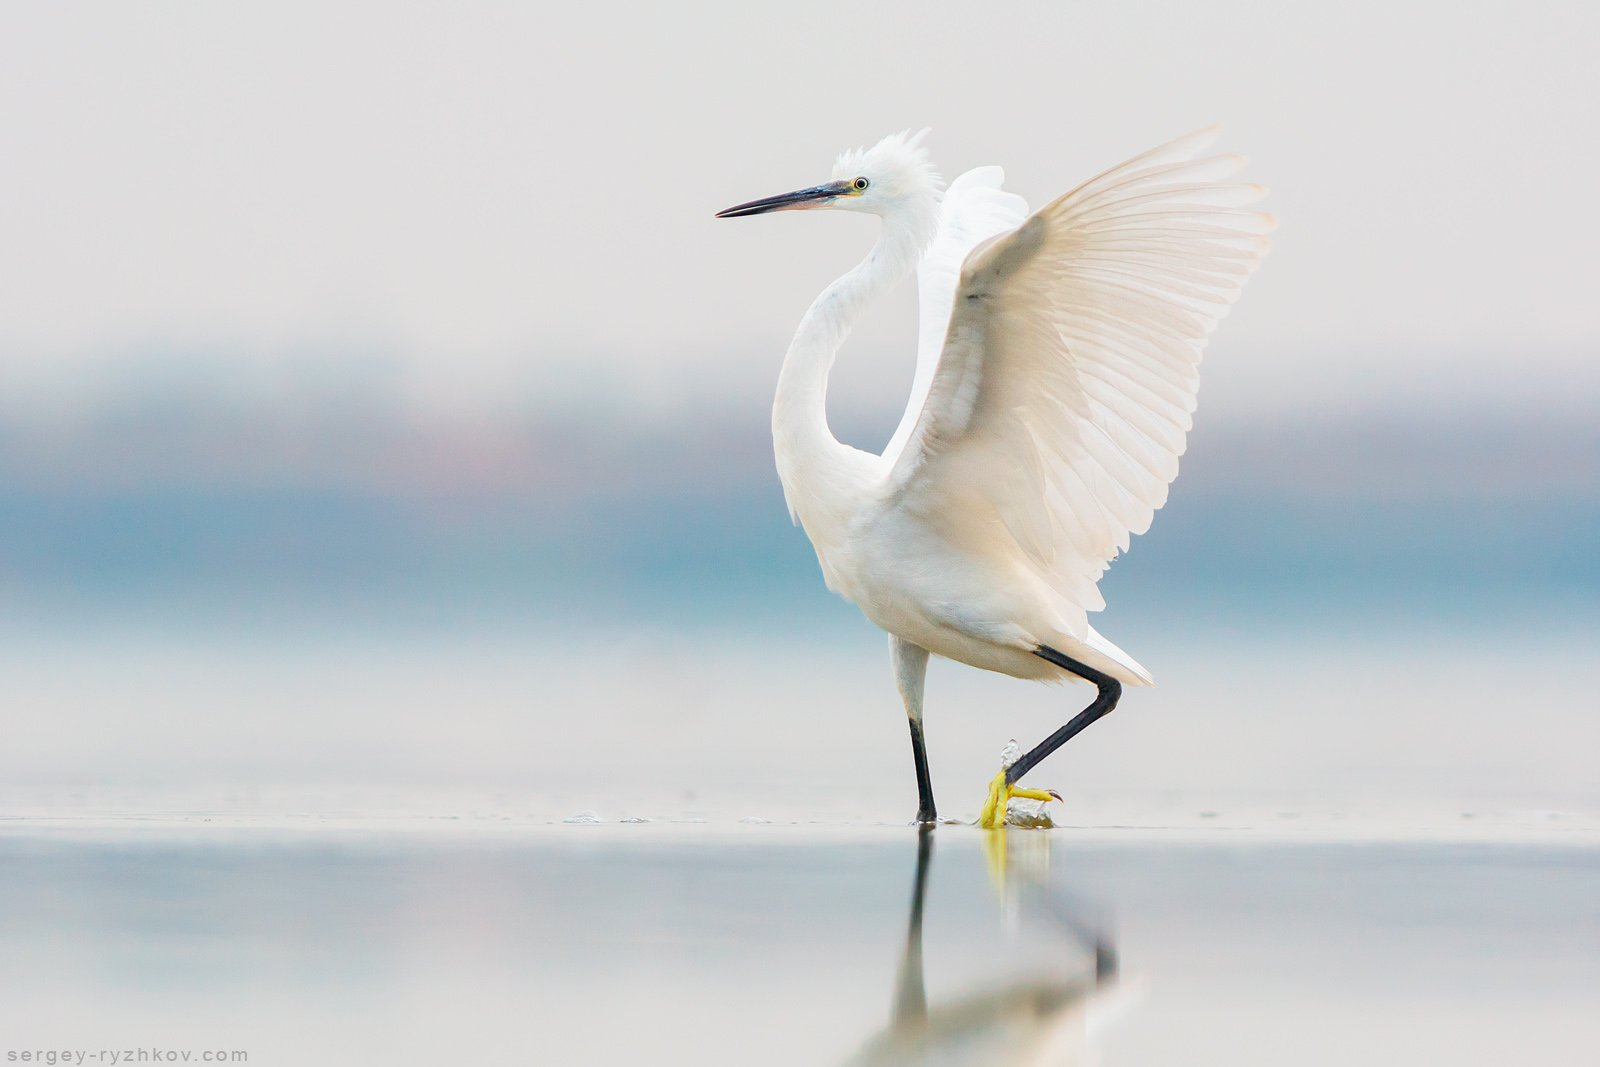 цапля, птицы, животные, природа, птица, украина, willdife, nature, birds, egret, , Сергей Рыжков